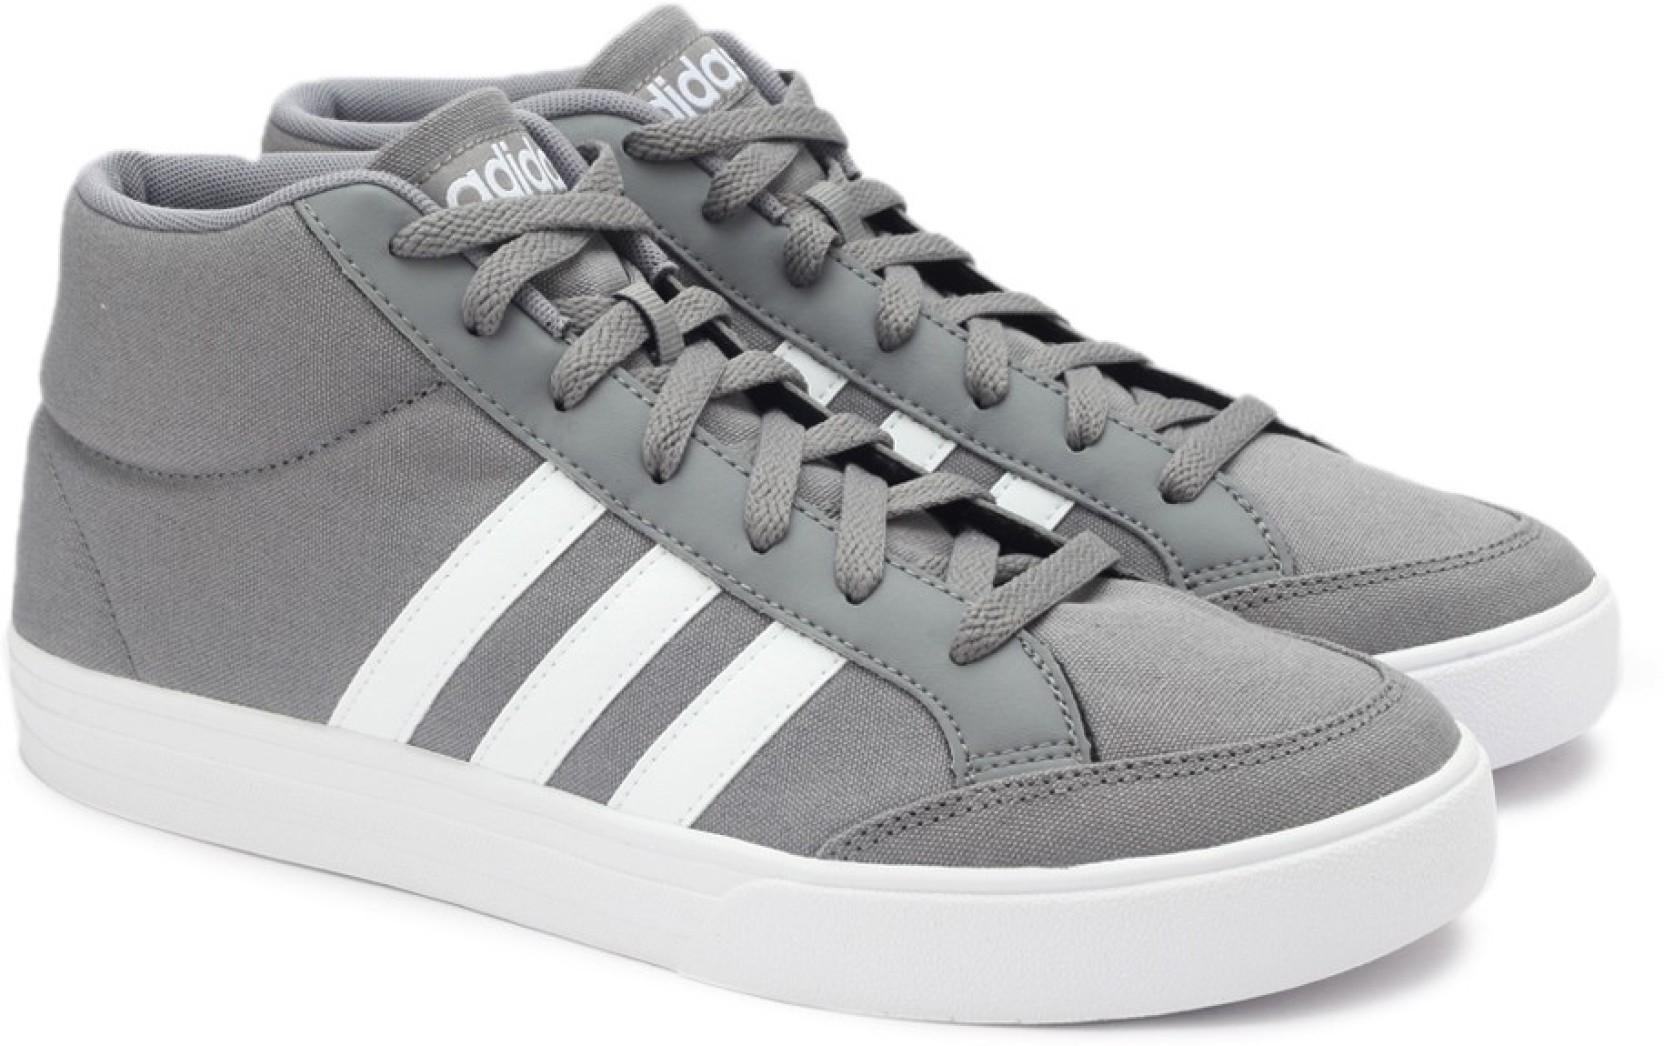 Vs Pour Set Adidas De Homme Chaussures Basket Baskets Tennis yO80wvNnPm